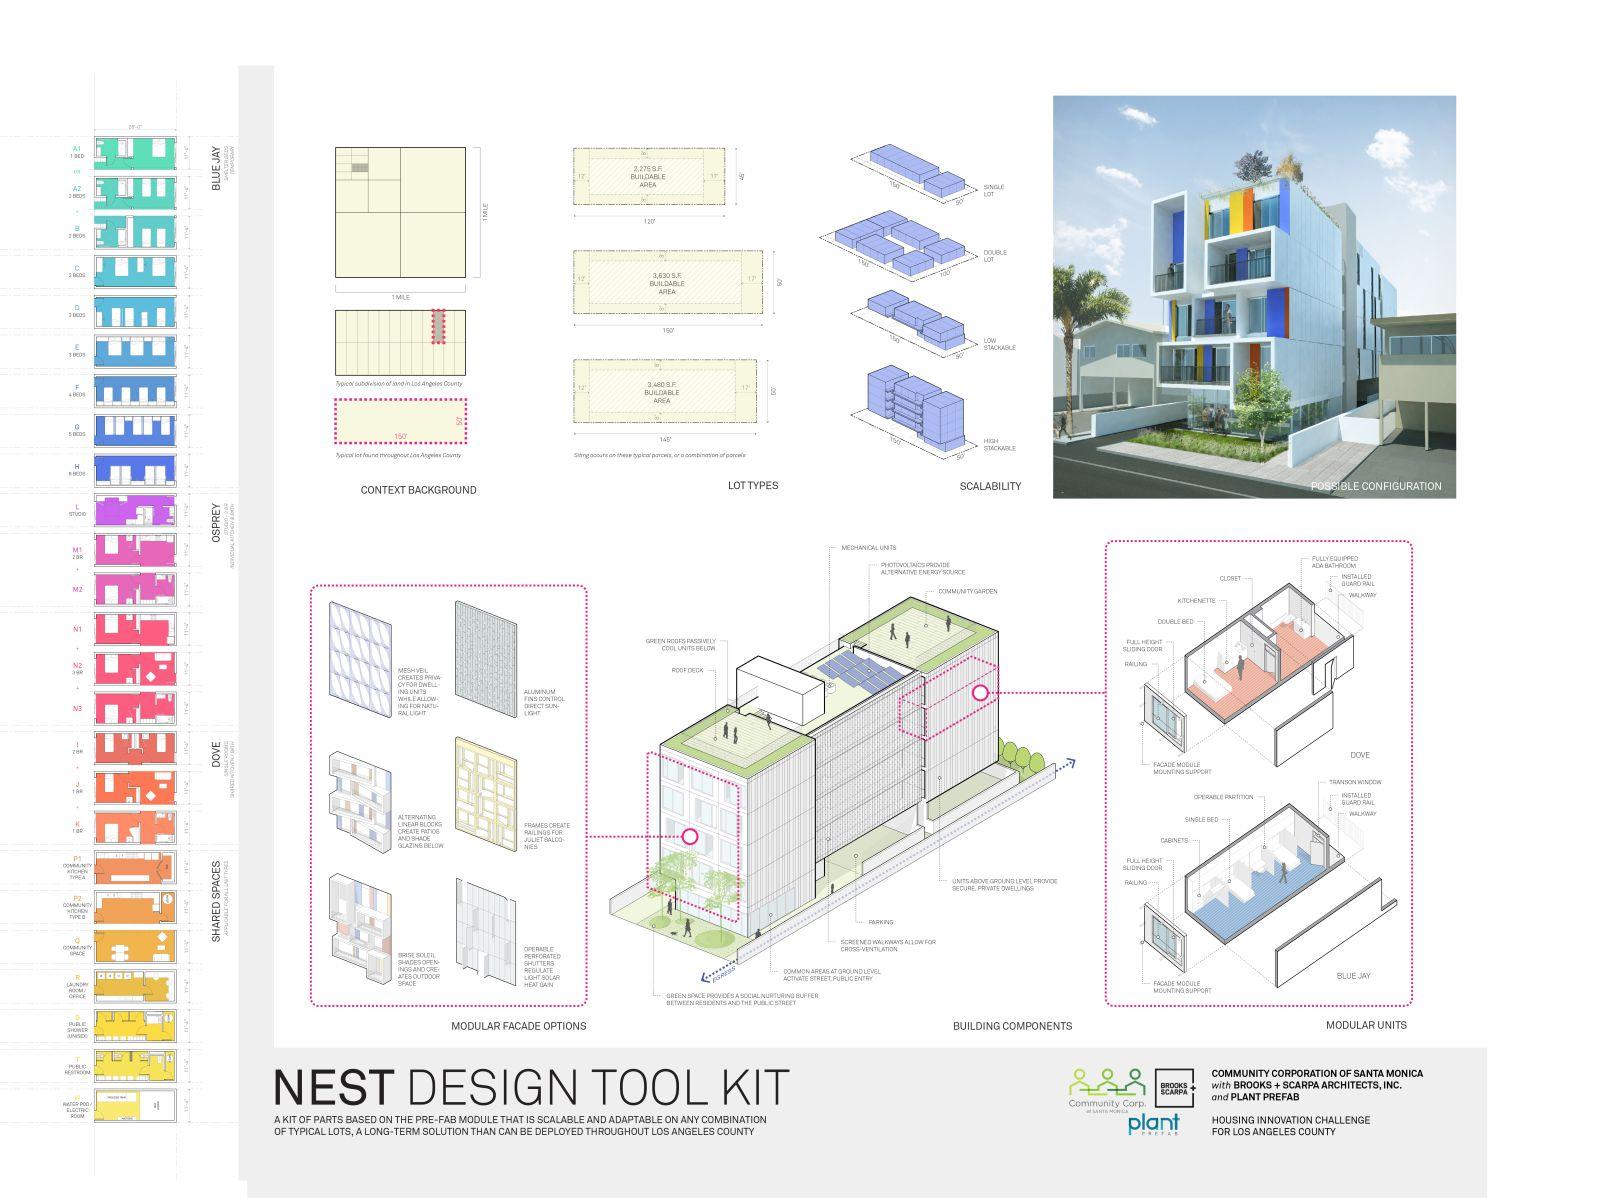 Nest Toolkit